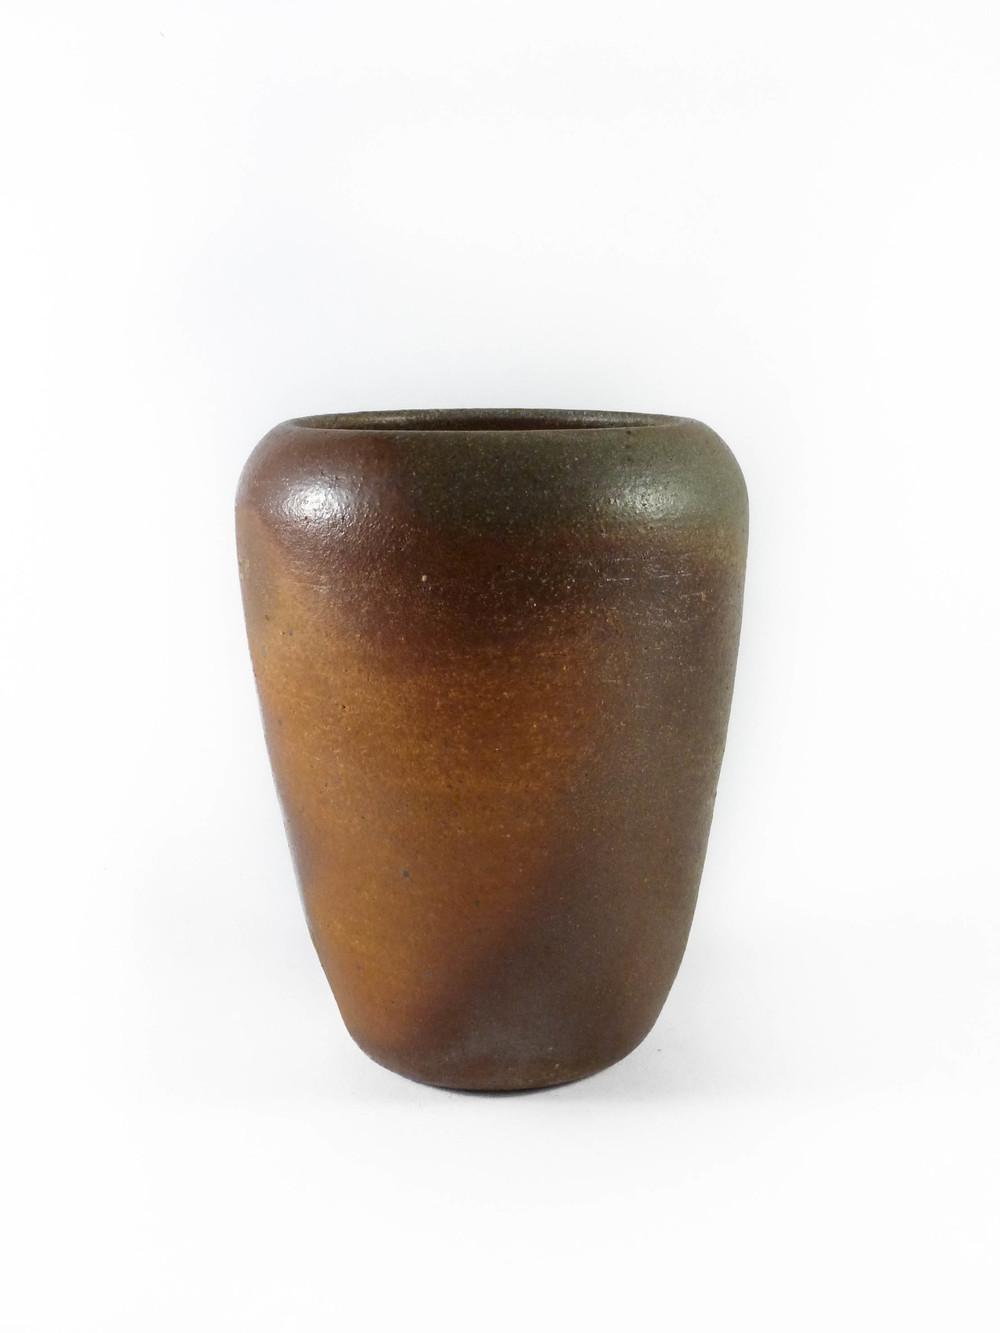 Vases 09-01